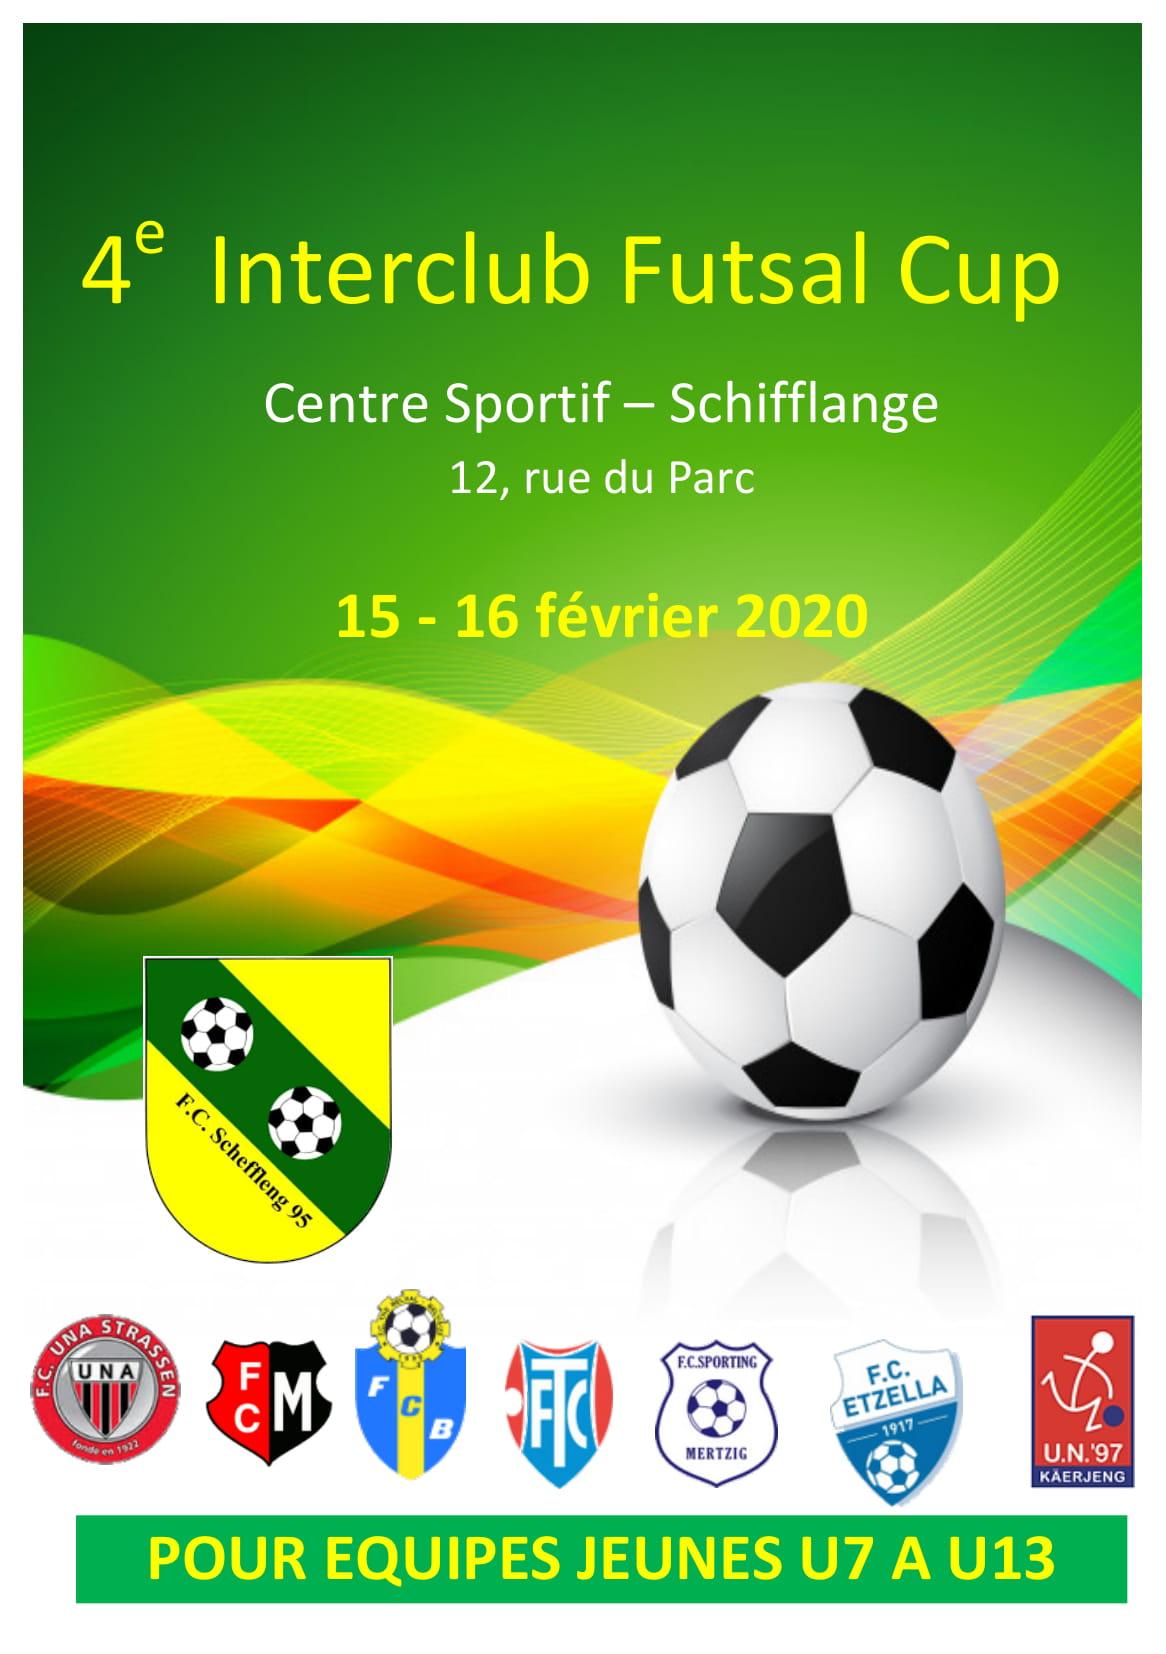 4. INTERCLUB FUTSAL CUP 15 au16.02.2020